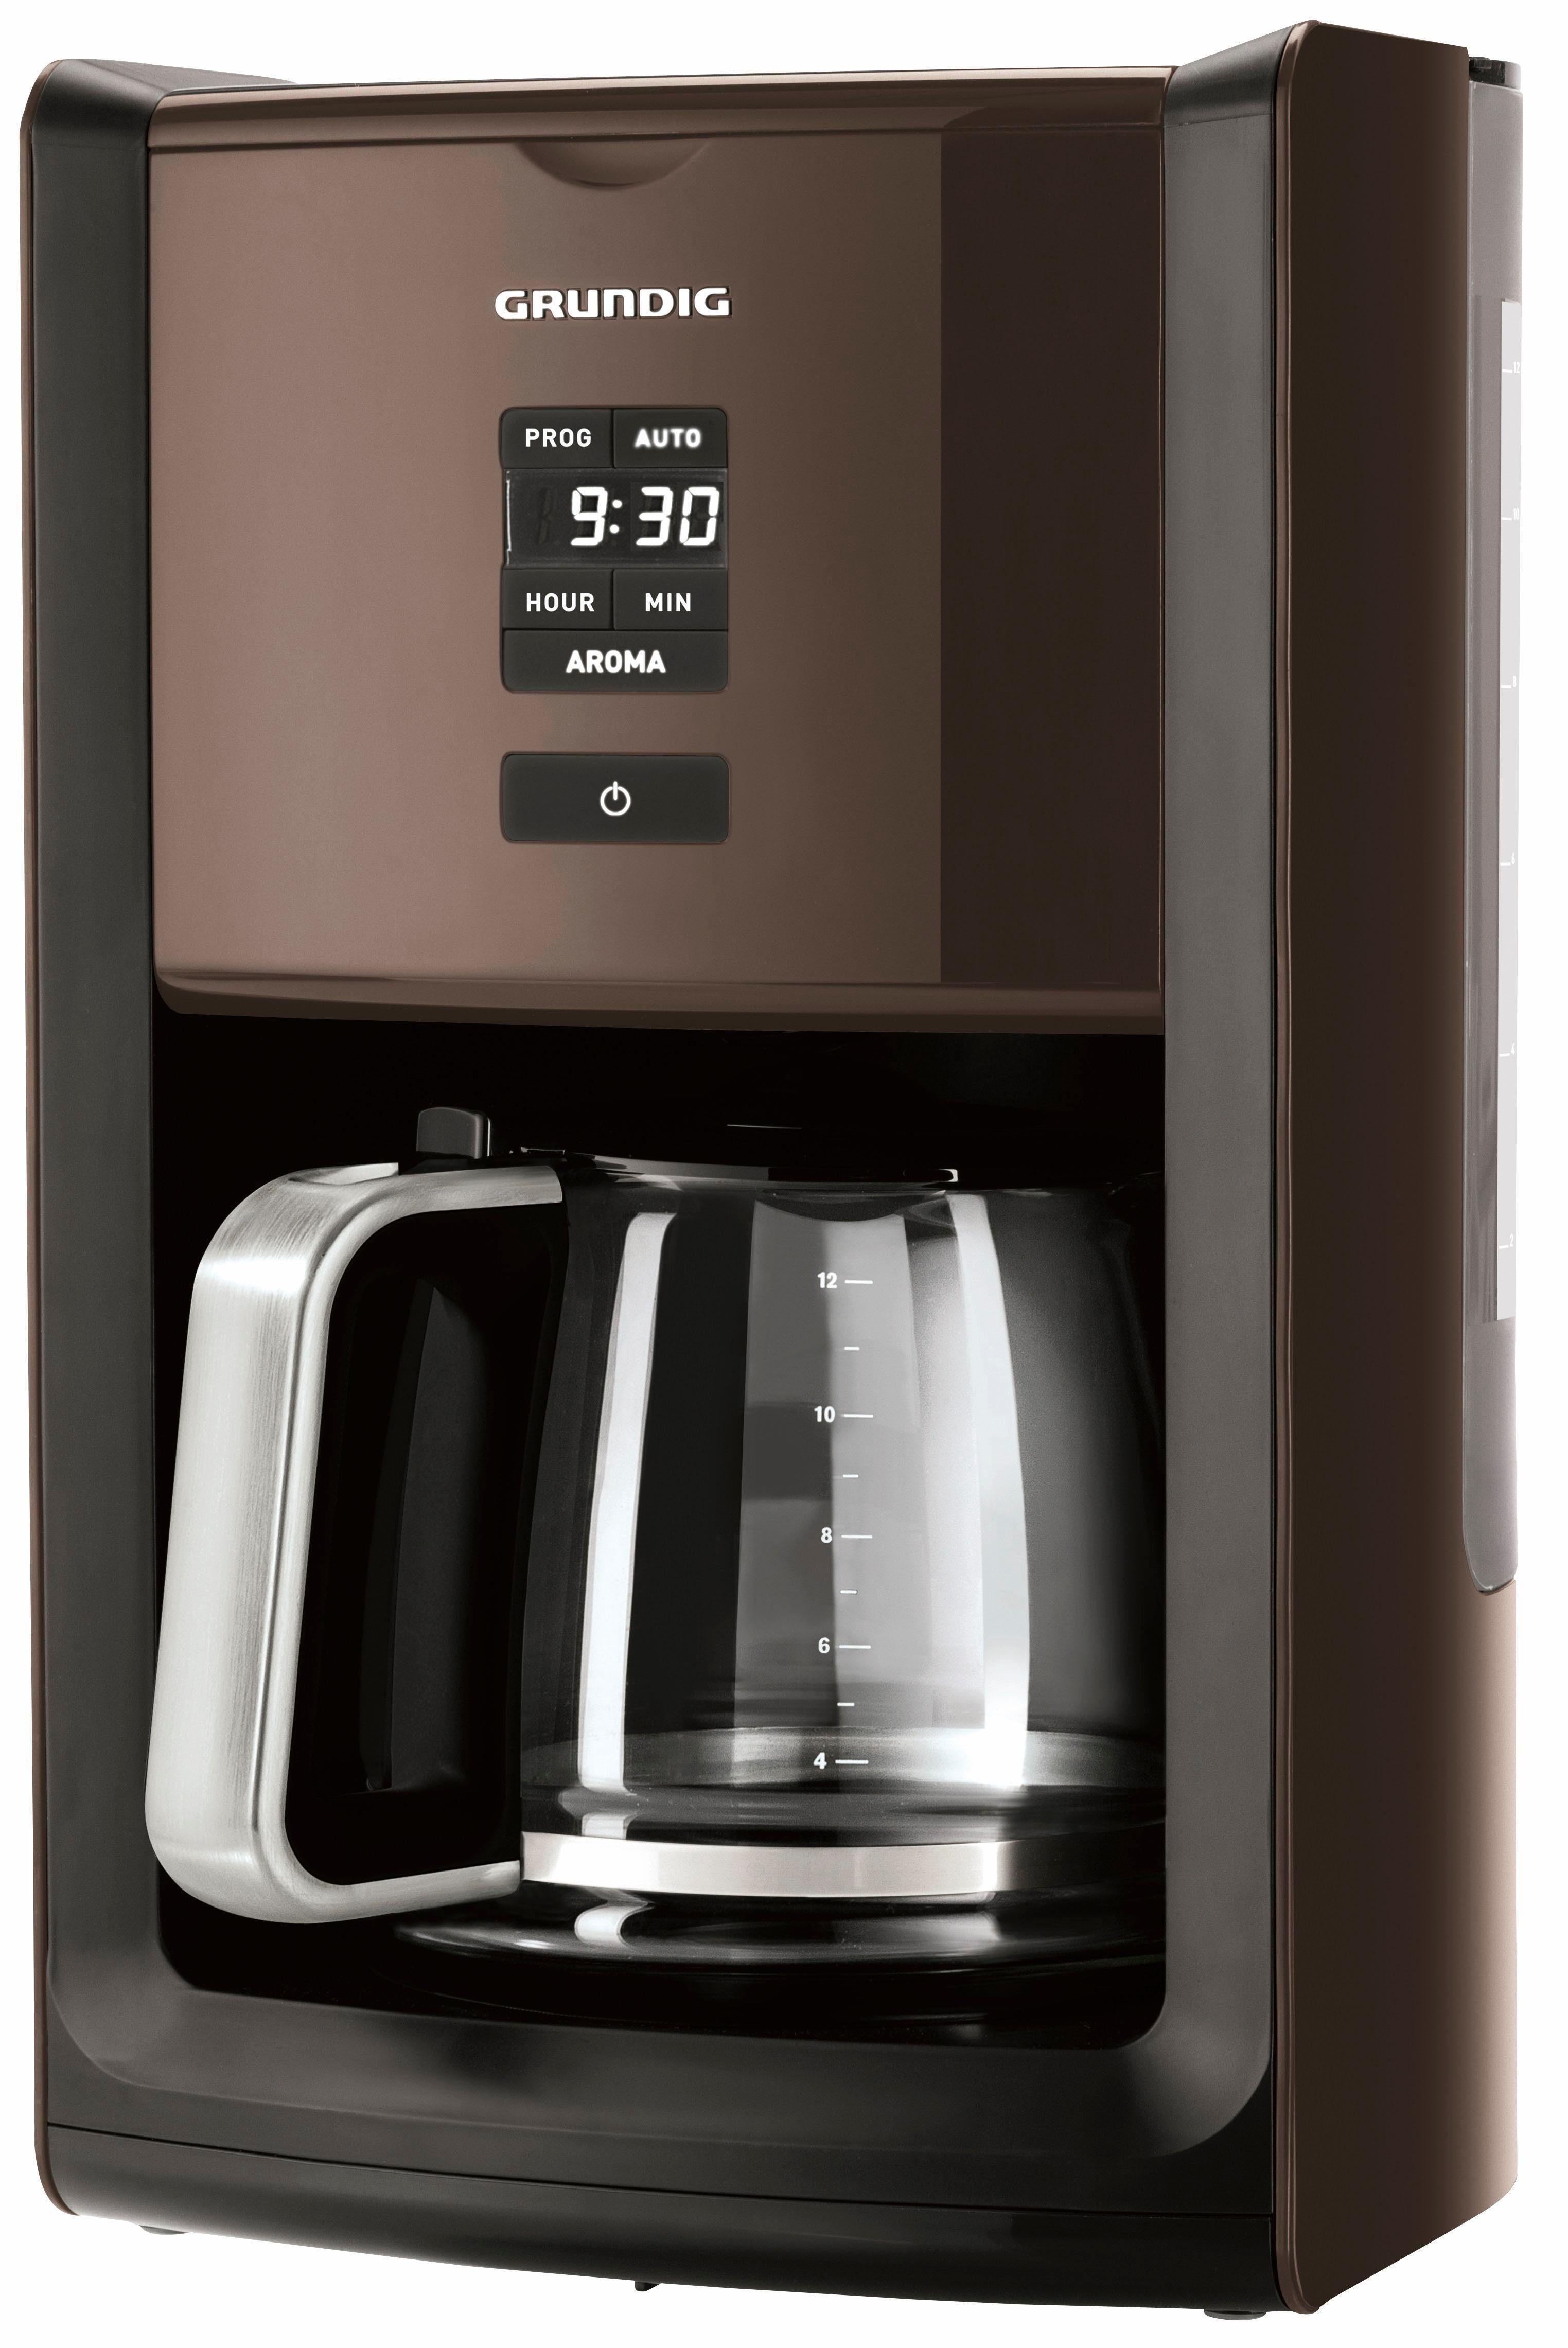 Grundig Filterkaffeemaschine KM 7280 G, 1,8l Kaffeekanne, Papierfilter